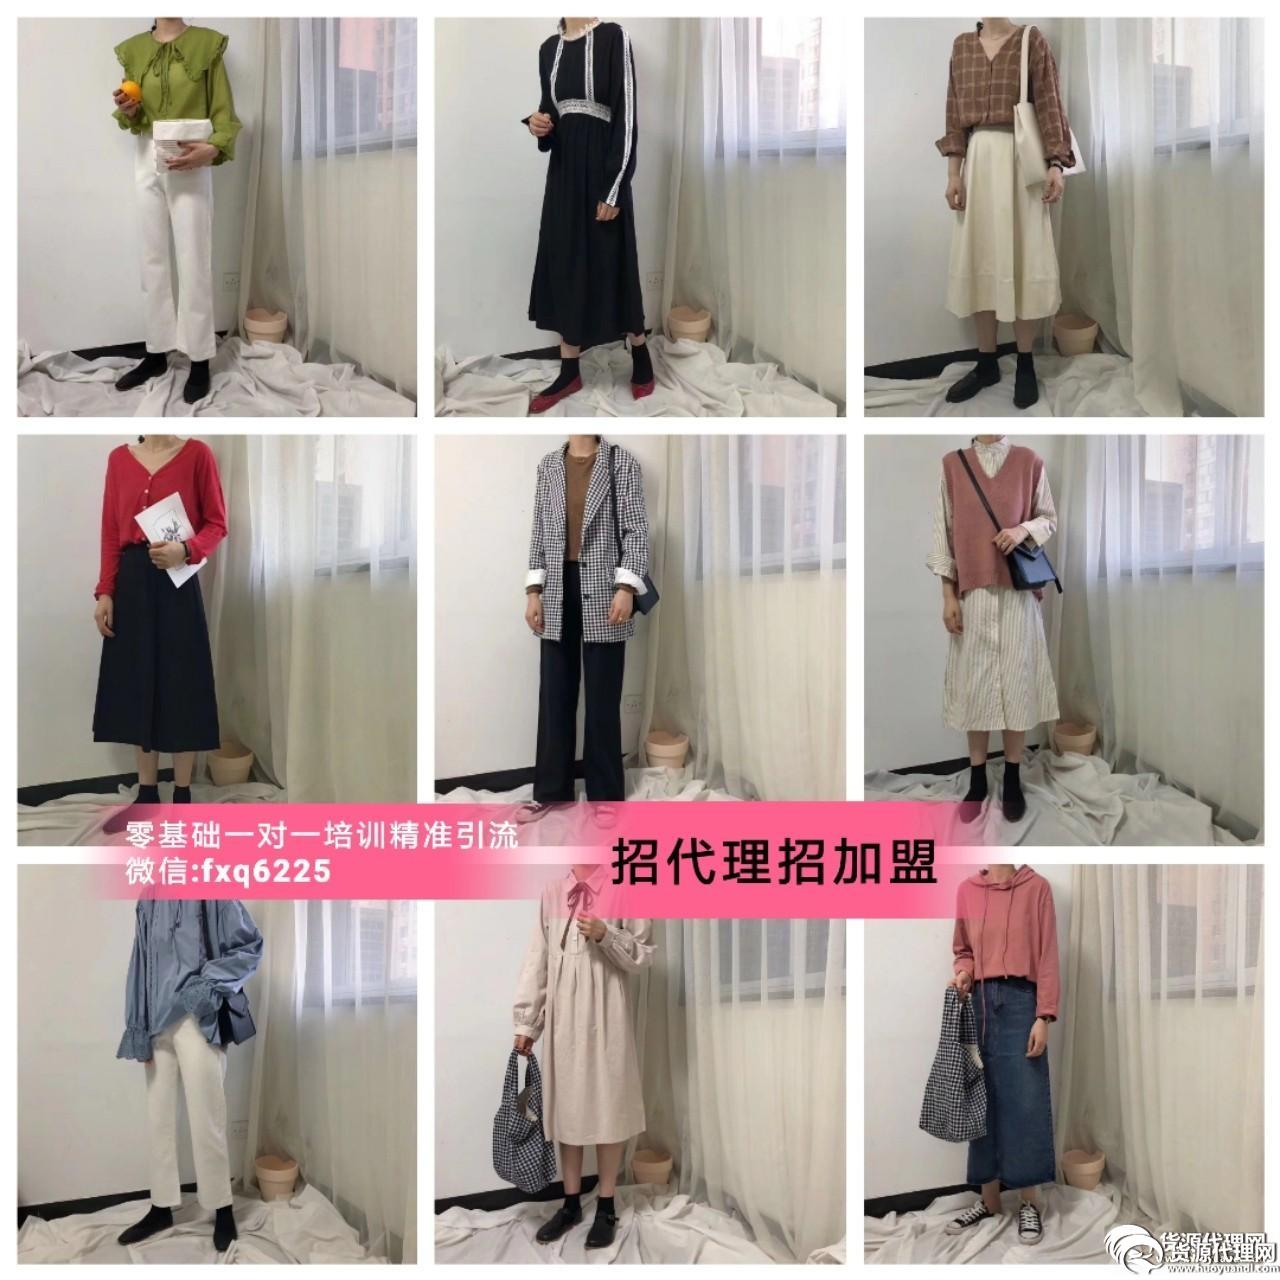 微商时尚潮流女装童装一手货源,无需囤货,支持一件代发